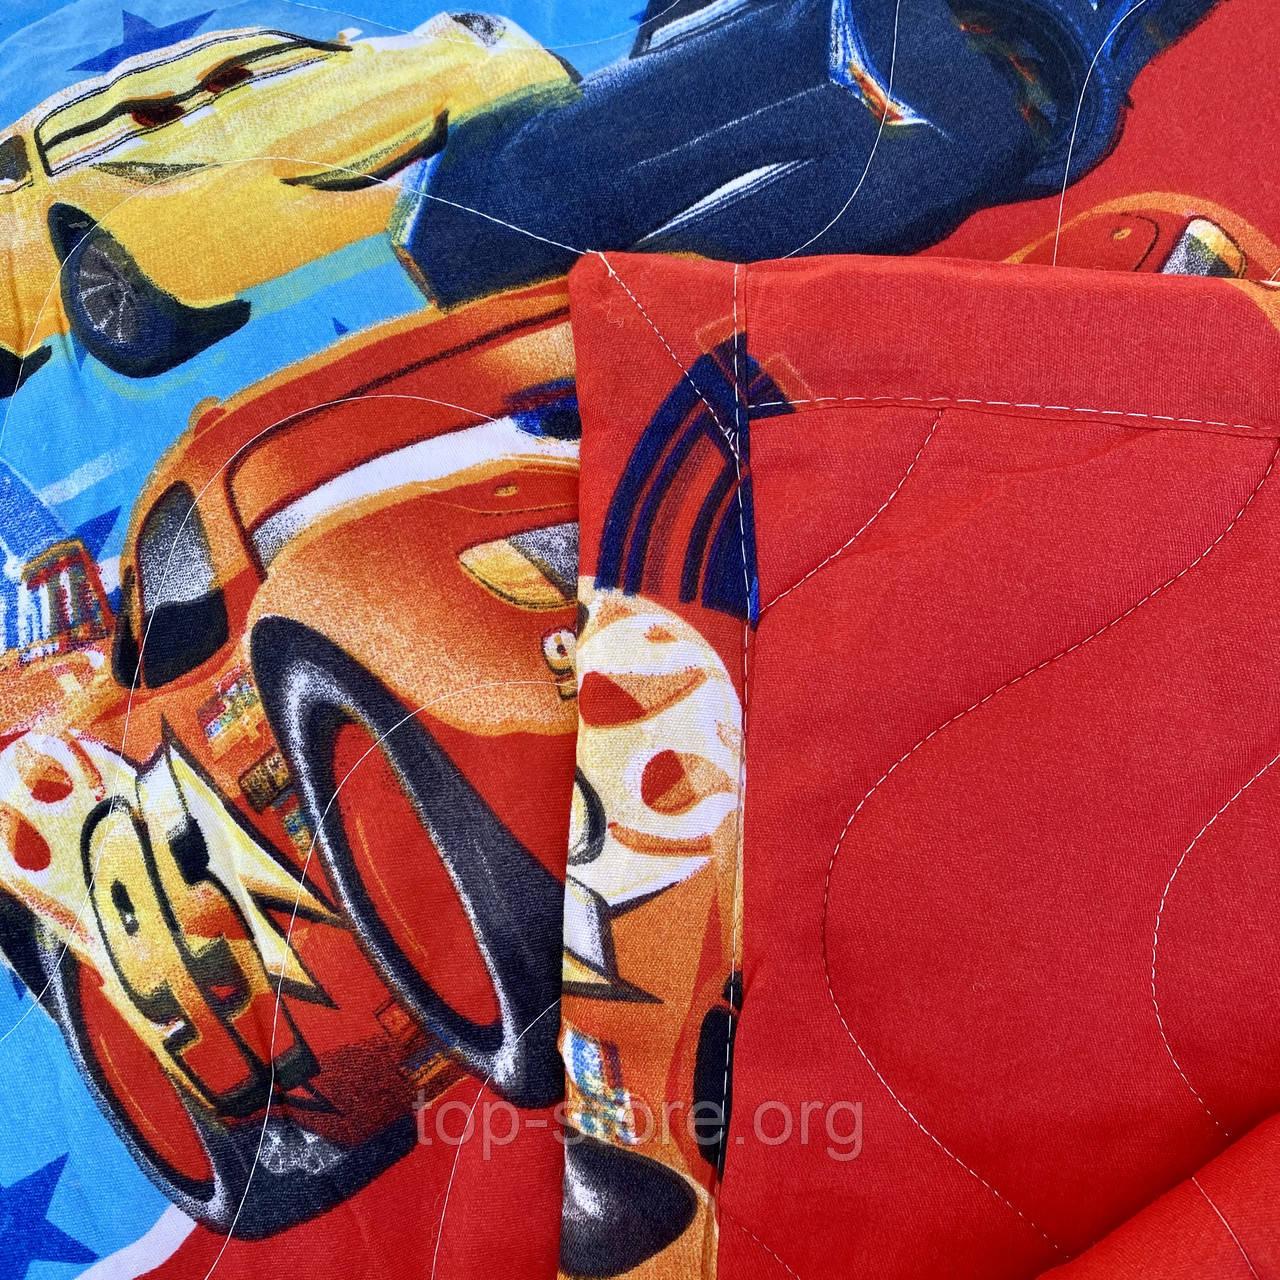 Покрывало одеяло стеганое на кровать или диван  Koloco 160*210см  с наволочками 50*70см Размер Полуторный